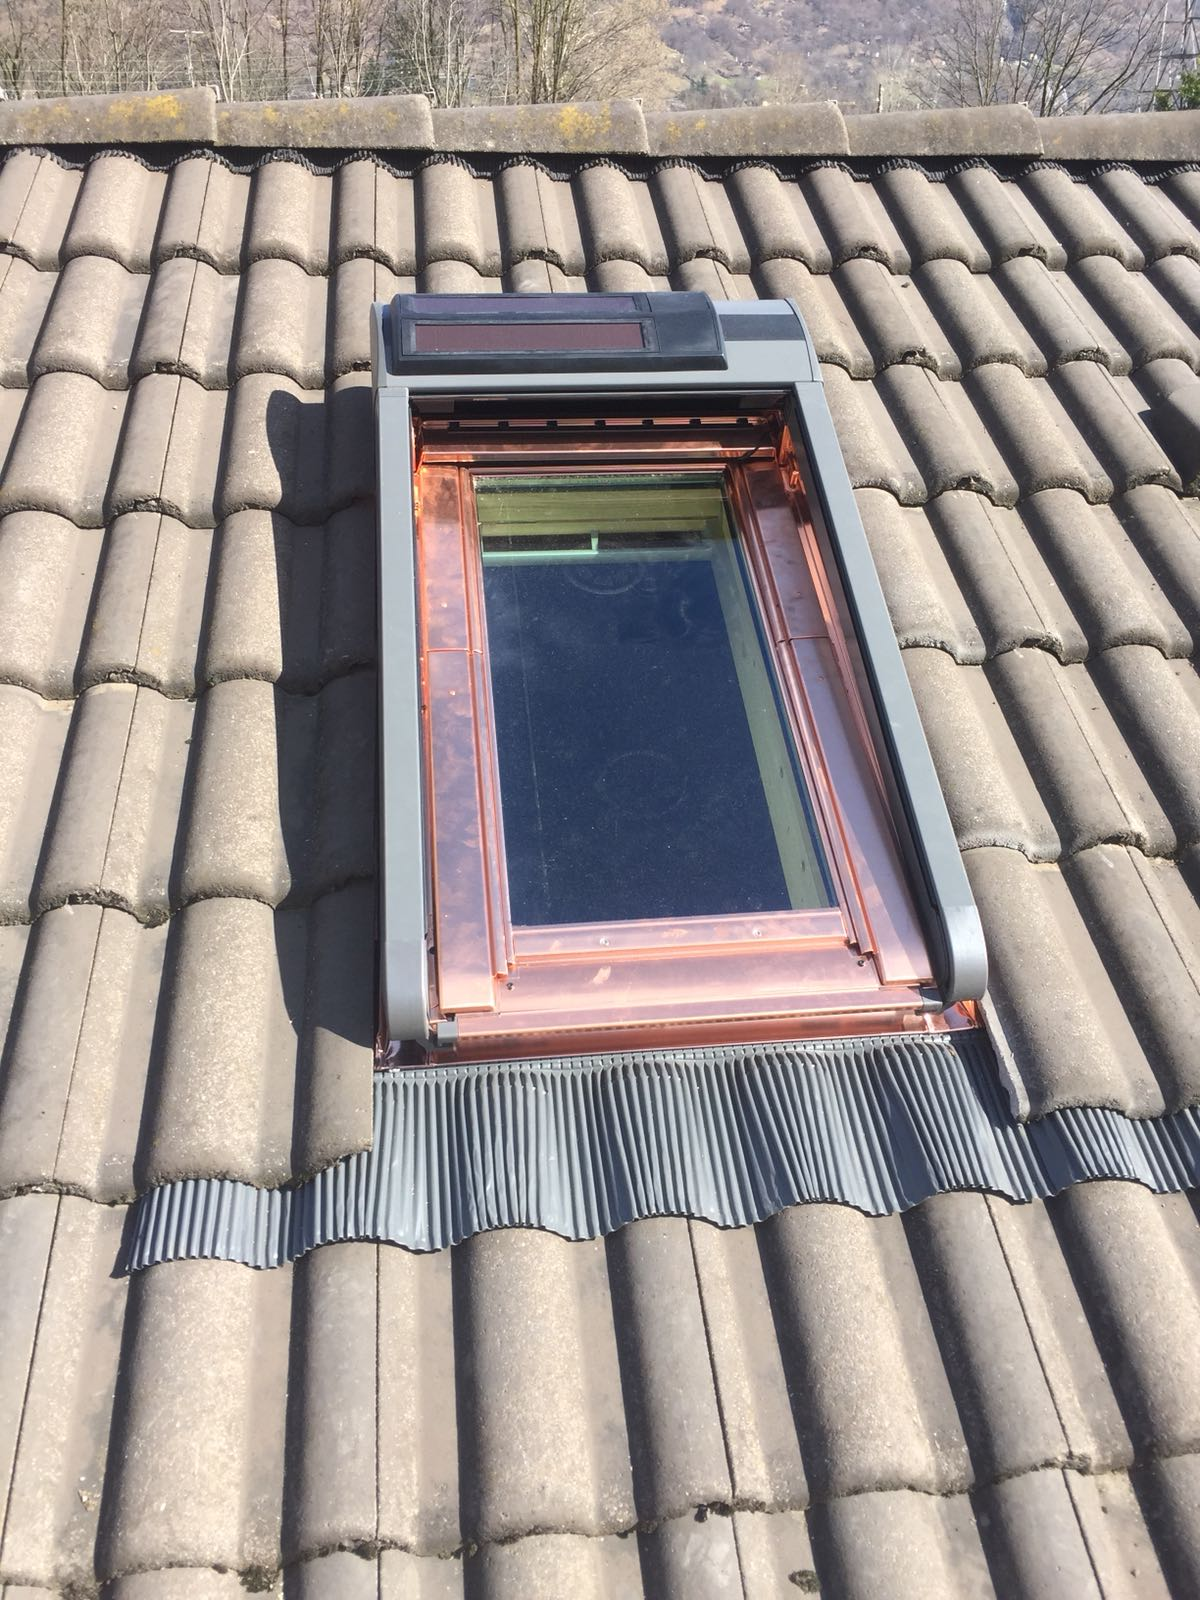 Finestre e persiane avvolgibili alimentate entrambe con pannelli solari risi carpenteria sa - Finestre con pannelli solari ...